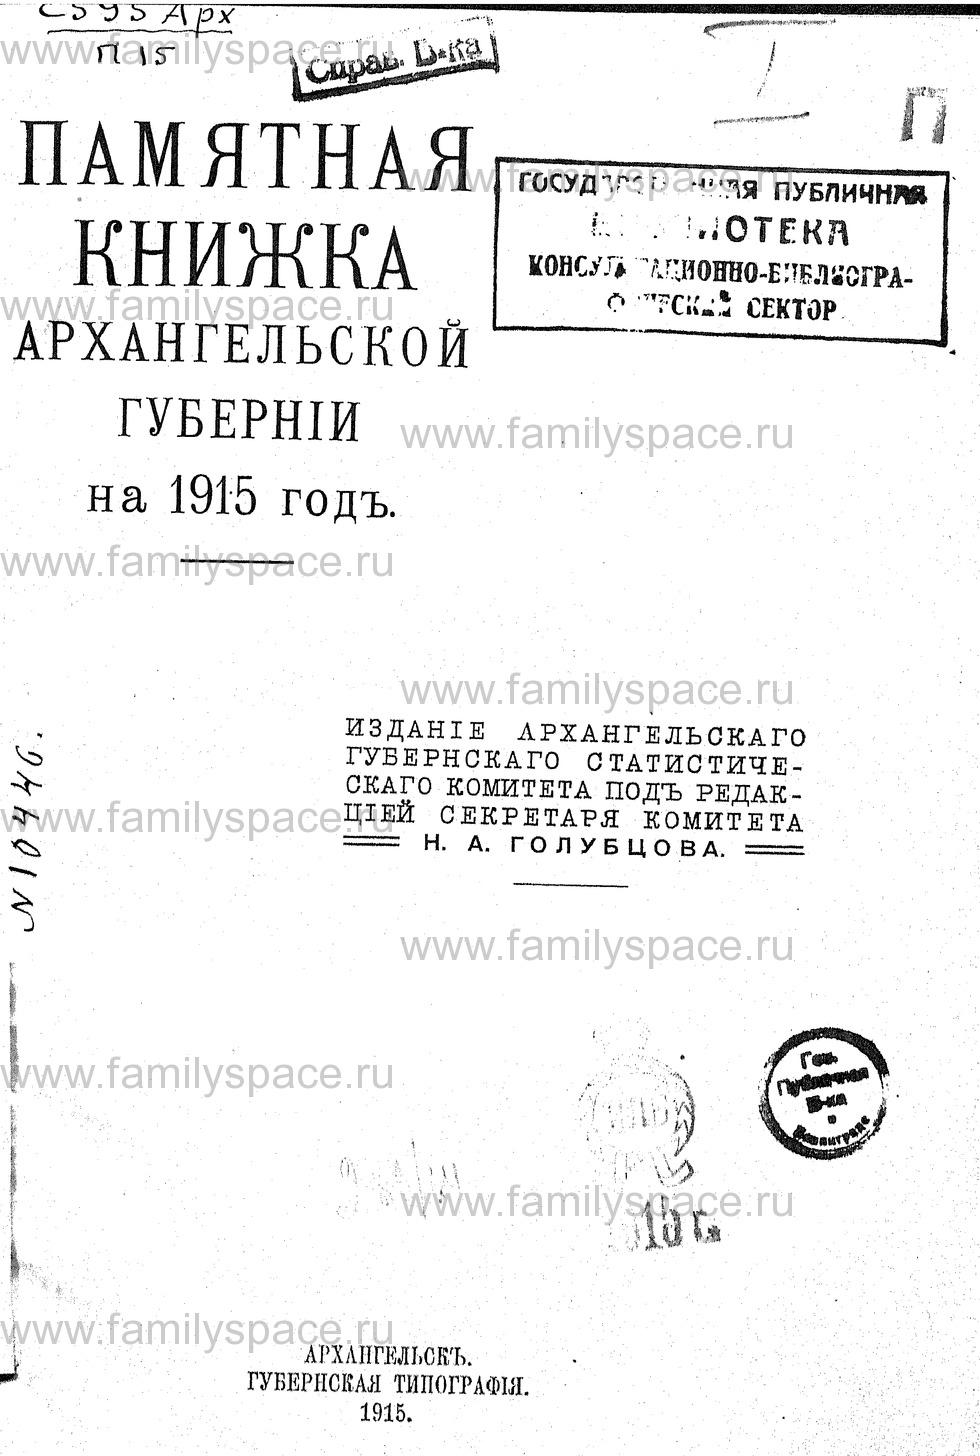 Поиск по фамилии - Памятная книжка Архангельской губернии на 1915 г, страница 1